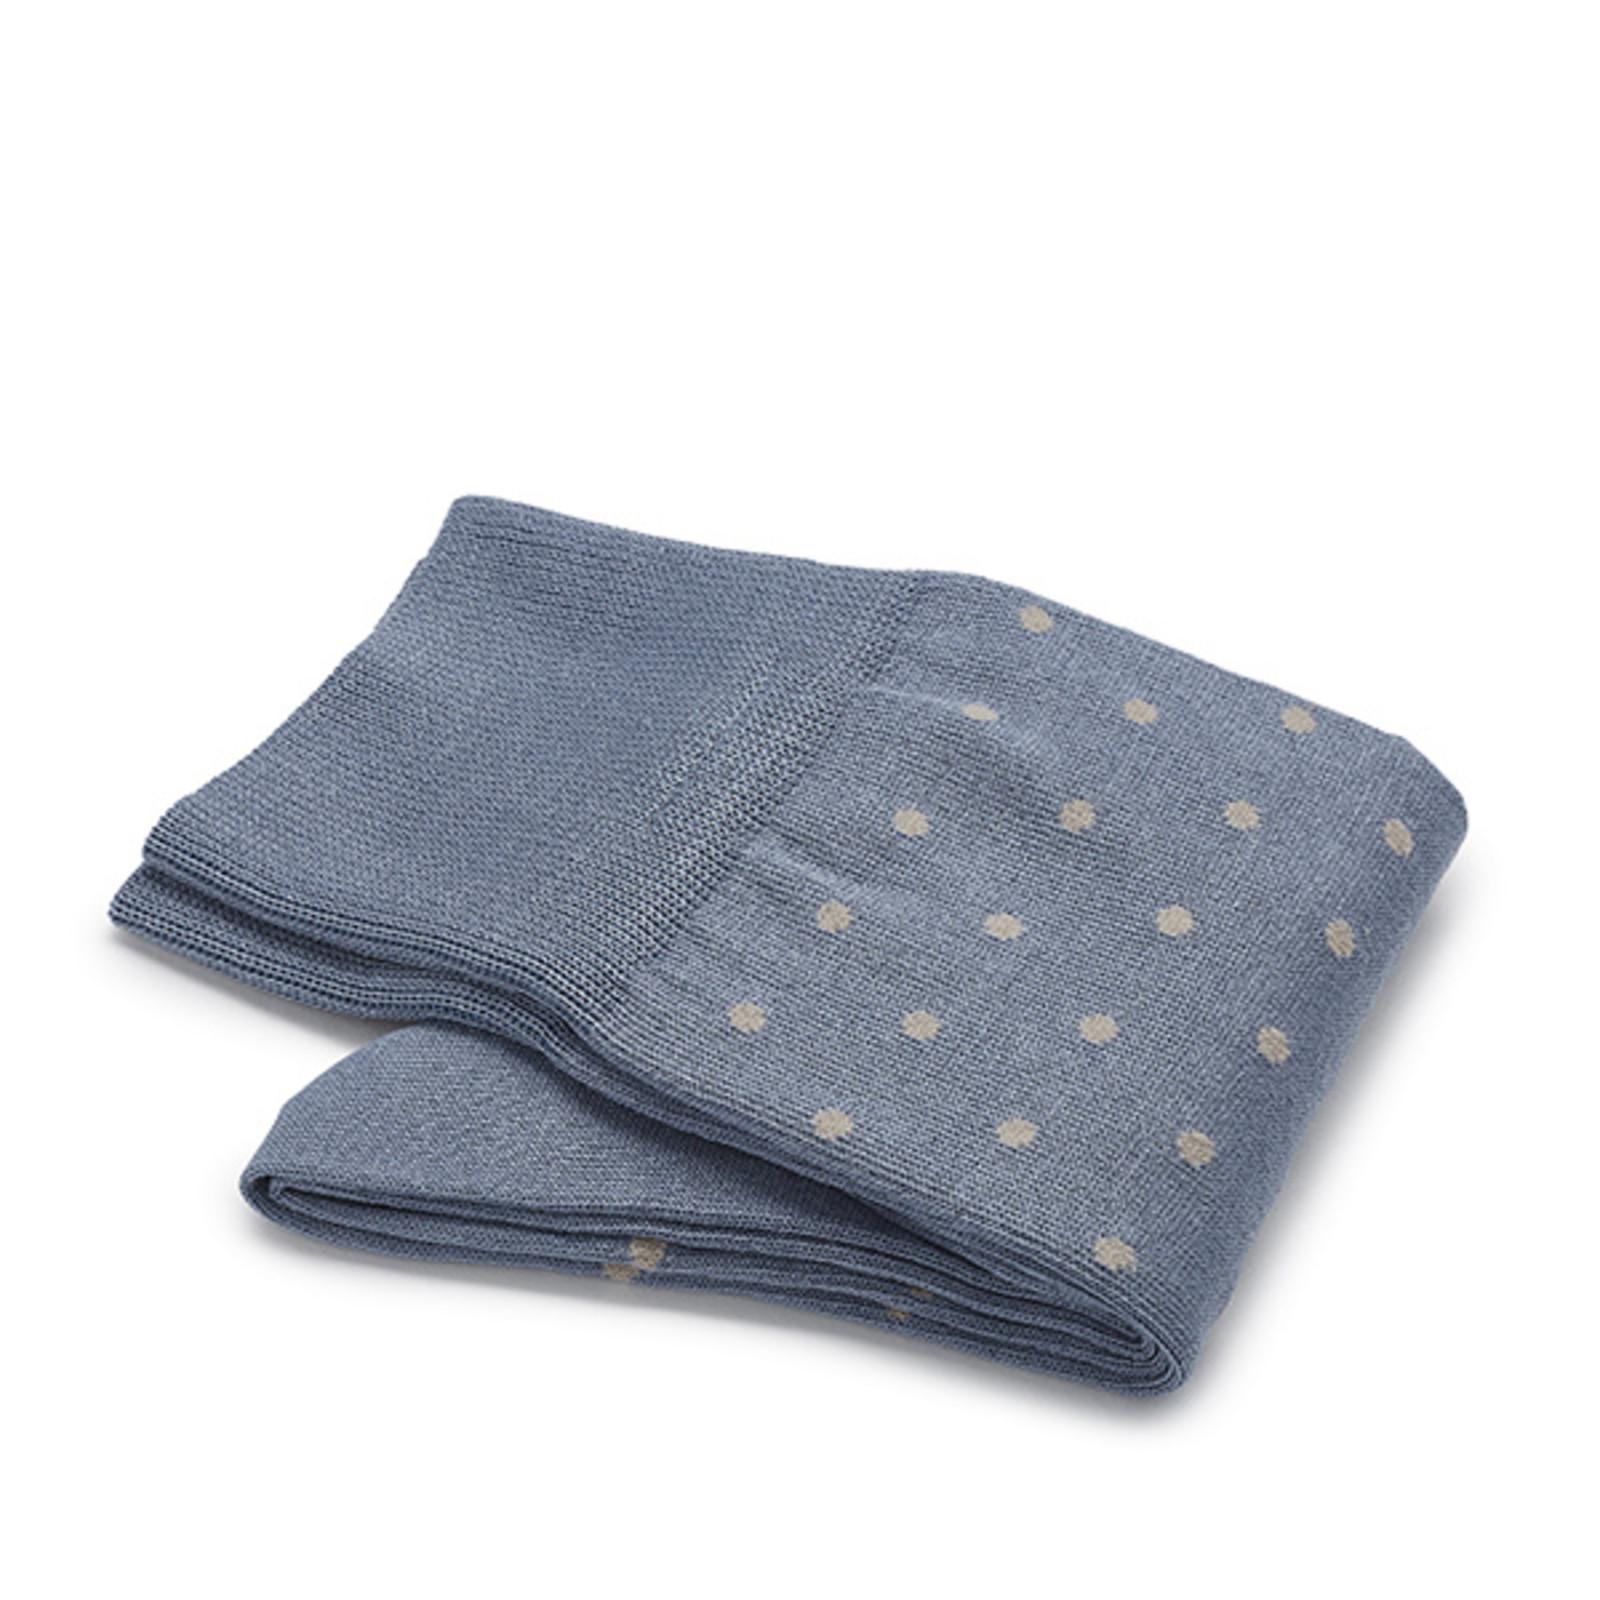 Carlo Lanza Blau/ graue gepunktete Socken